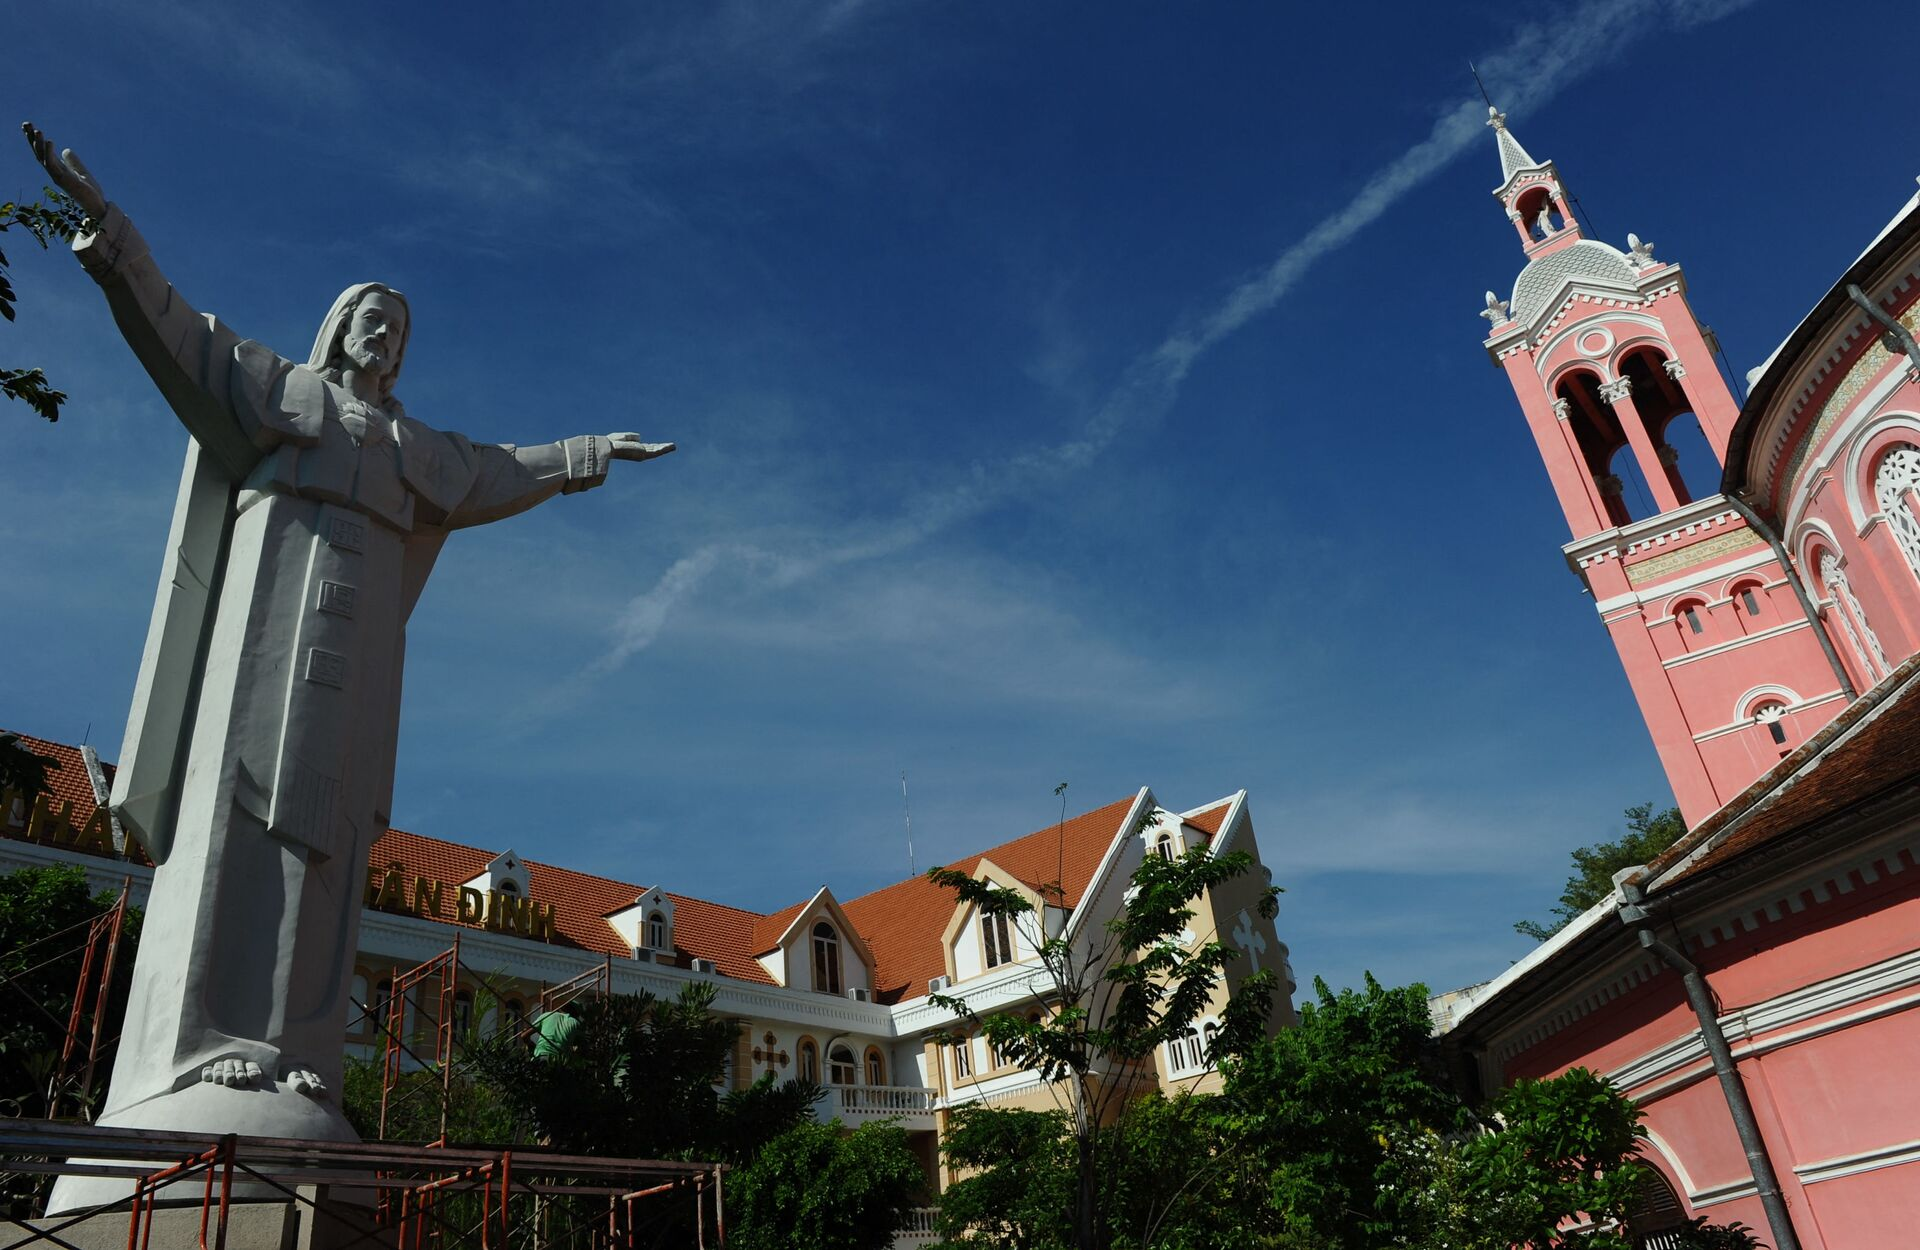 Giải quyết 'cơn mê sảng', ám ảnh về tự do tôn giáo của Mỹ đối với Việt Nam thế nào? - Sputnik Việt Nam, 1920, 31.05.2021